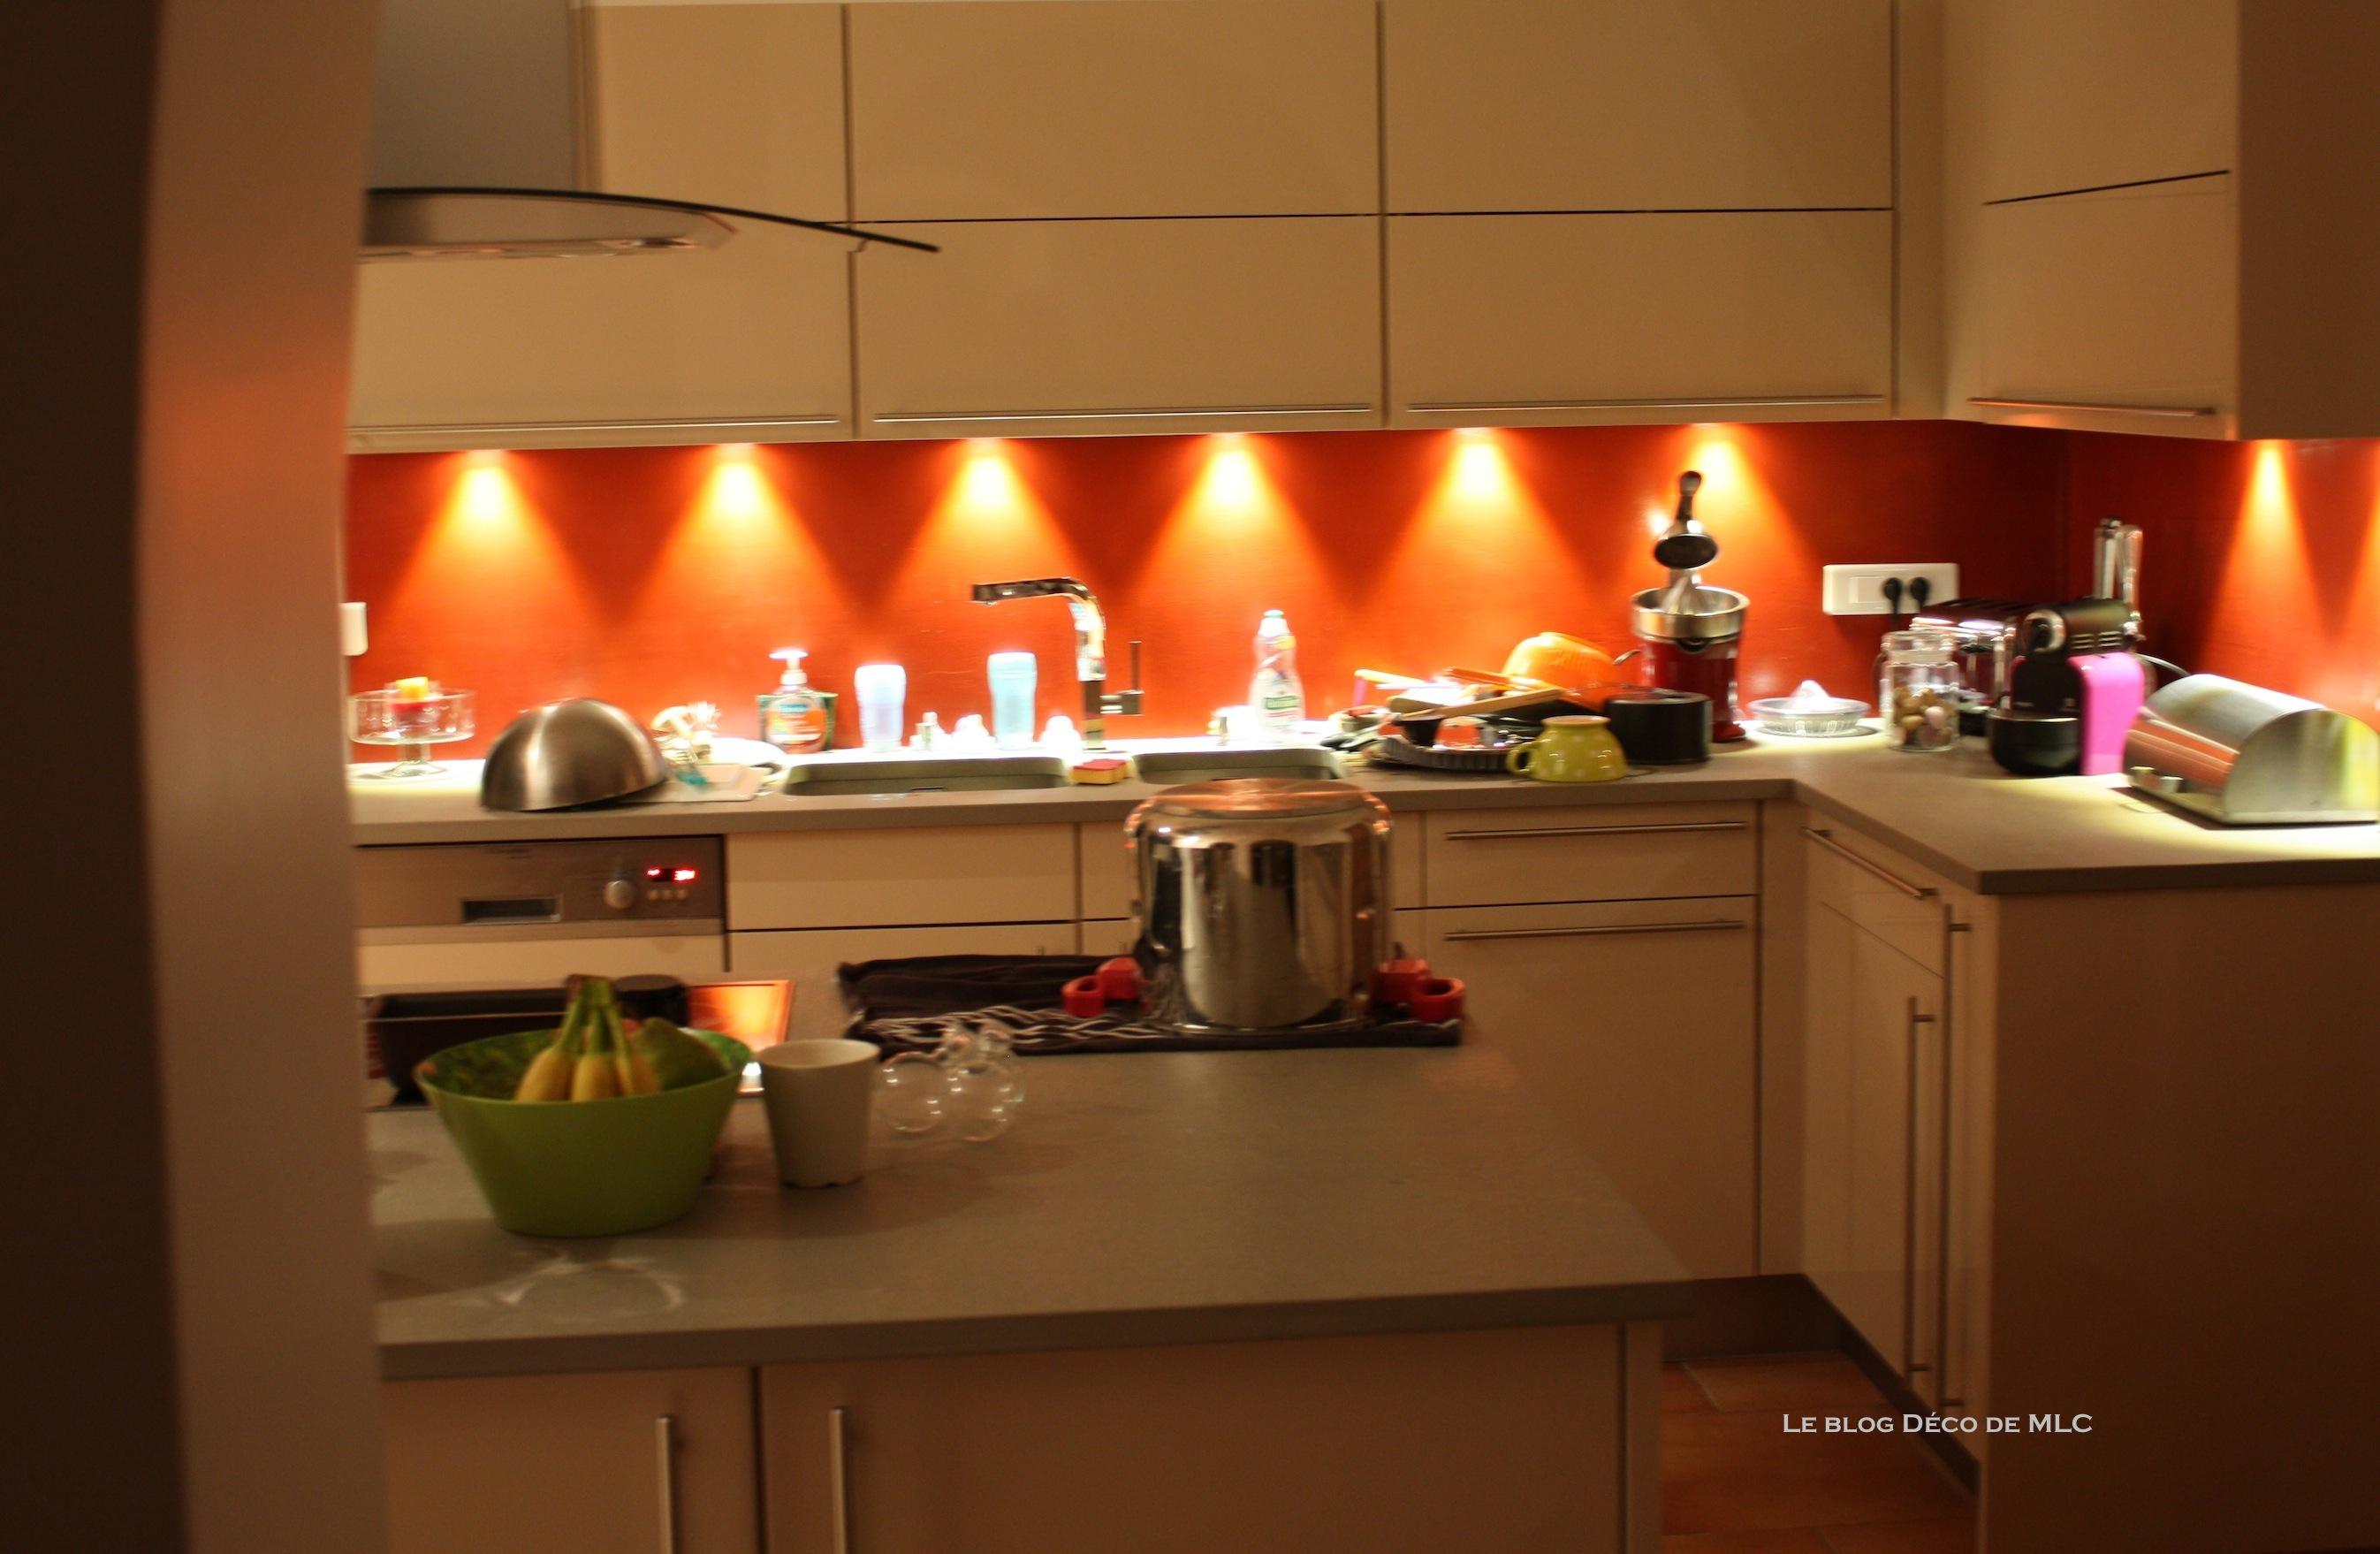 Cuisine meubles beige sur fond rouge - Cuisine couleur Darty - Le